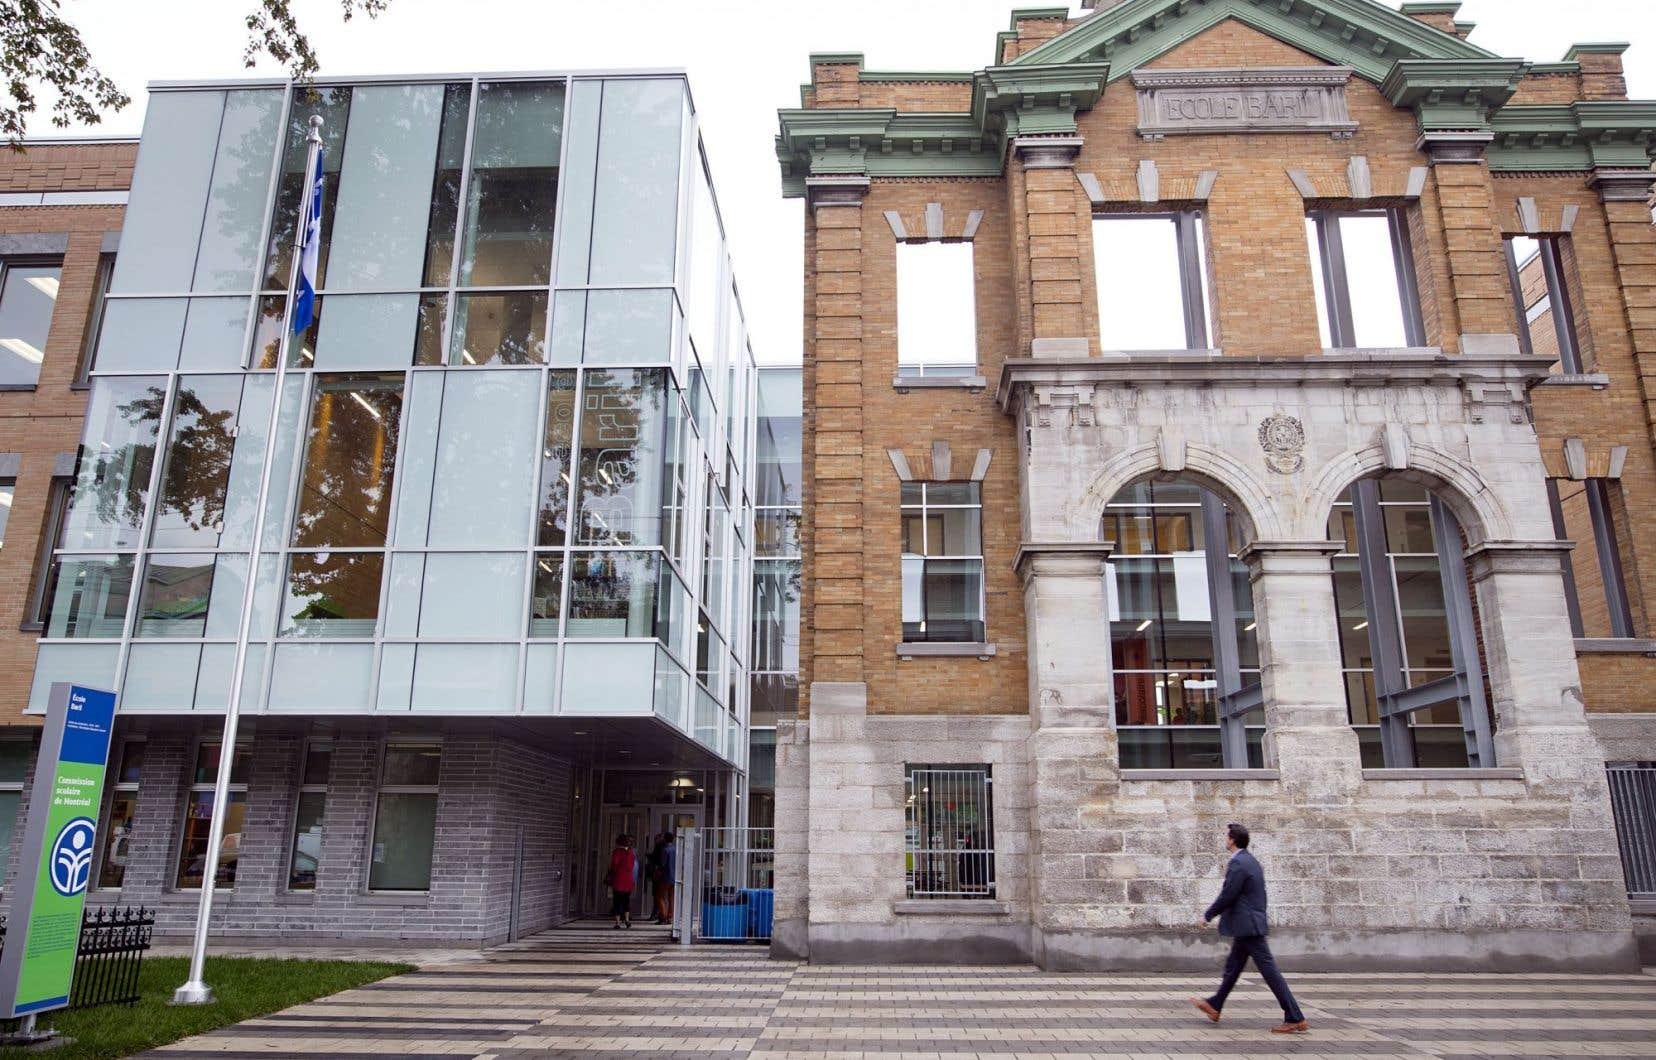 L'ancienne façade de l'école Baril a été conservée pour rappeler le passé du bâtiment. Le reste de l'école est tout neuf.